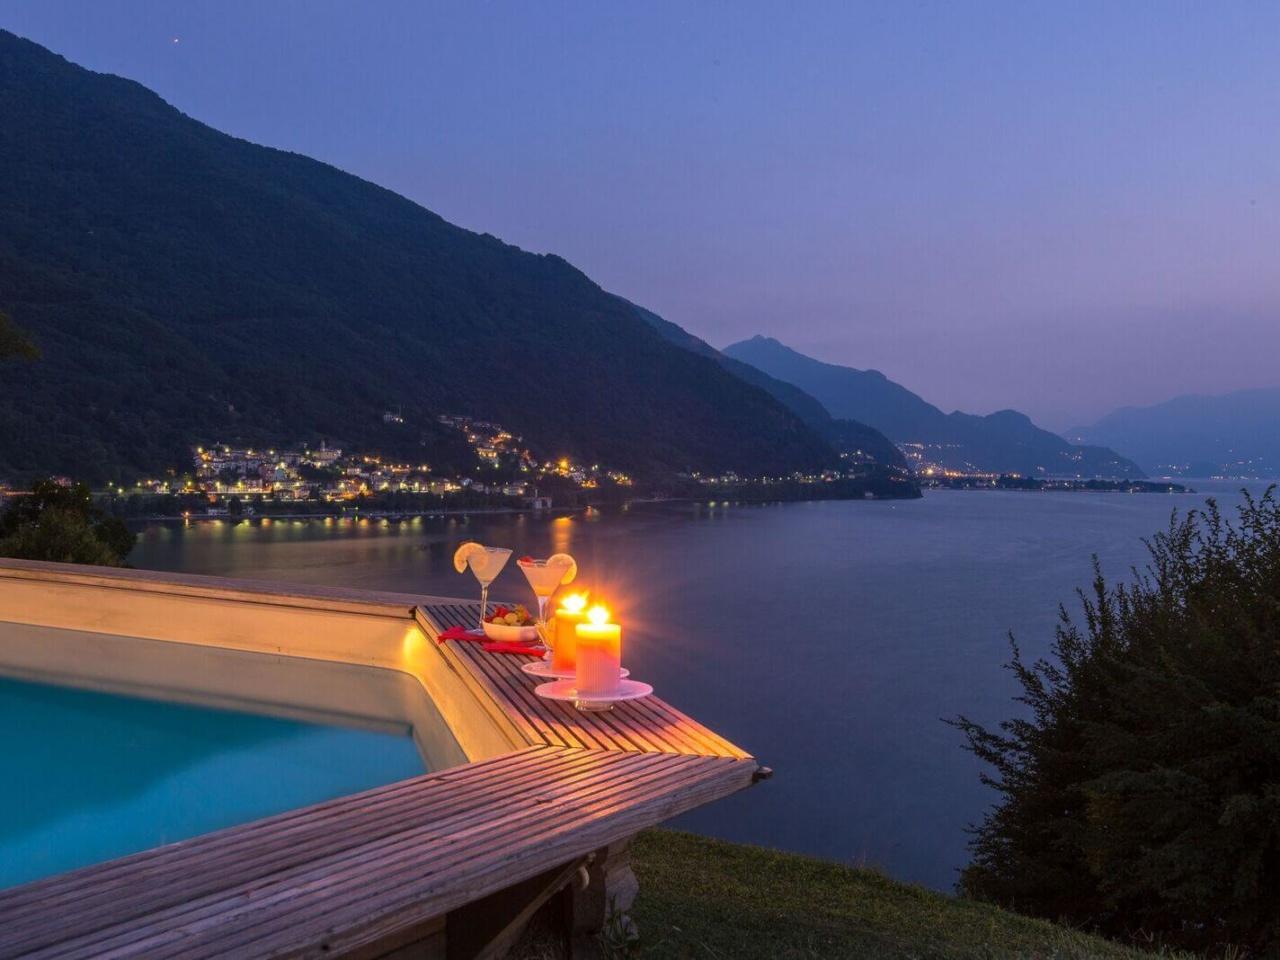 villa-meraviglia-colico-28-cocktail-notturno-a-bordo-piscina